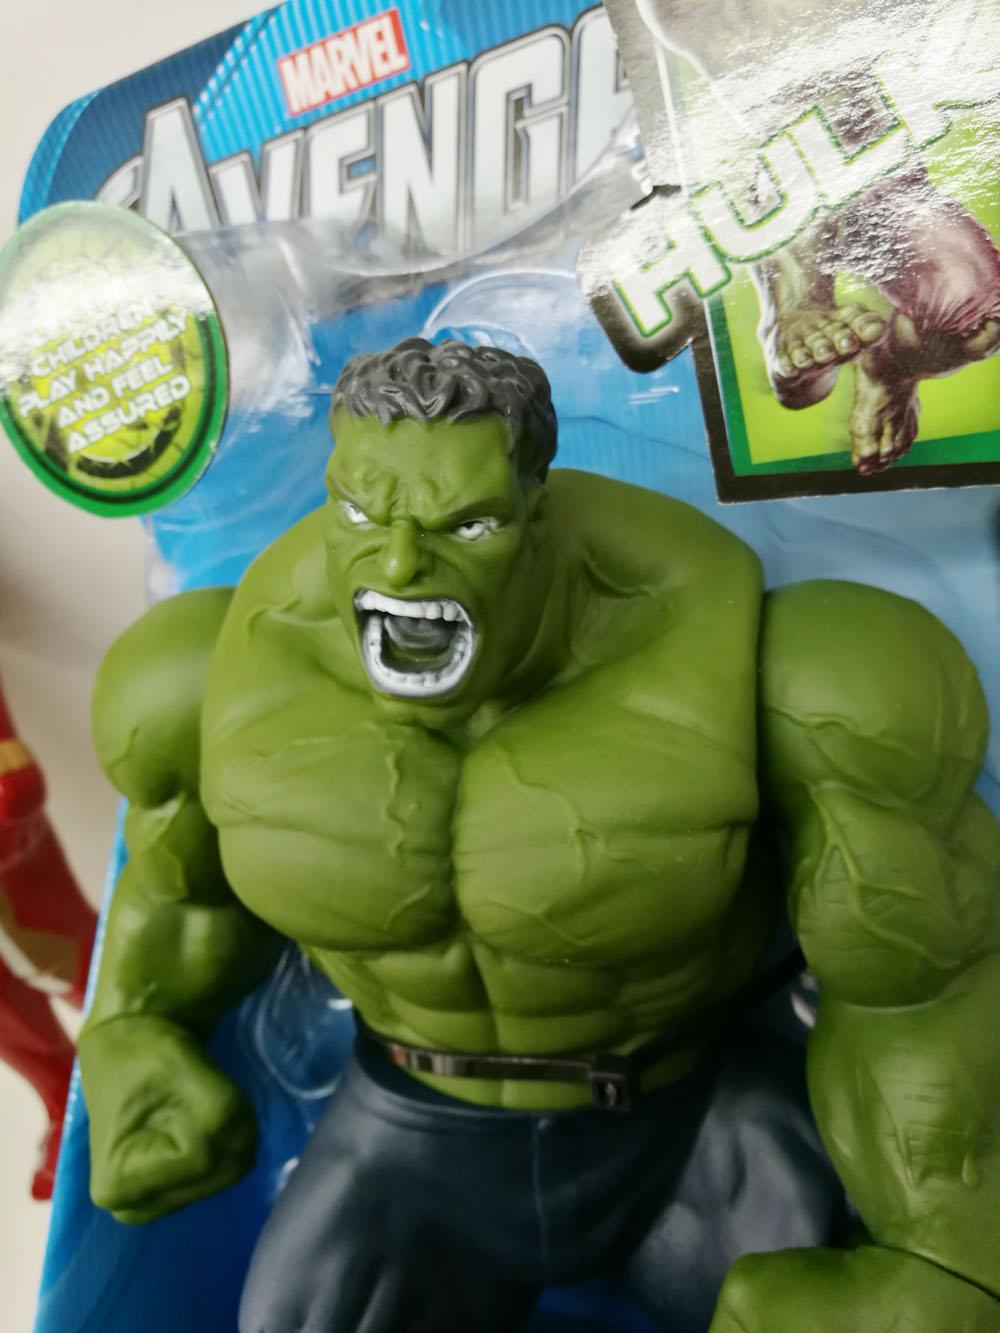 超大青筋肌肉男,爆发力量的绿巨人,咆哮愤怒的表情绝对是稀有品种图片